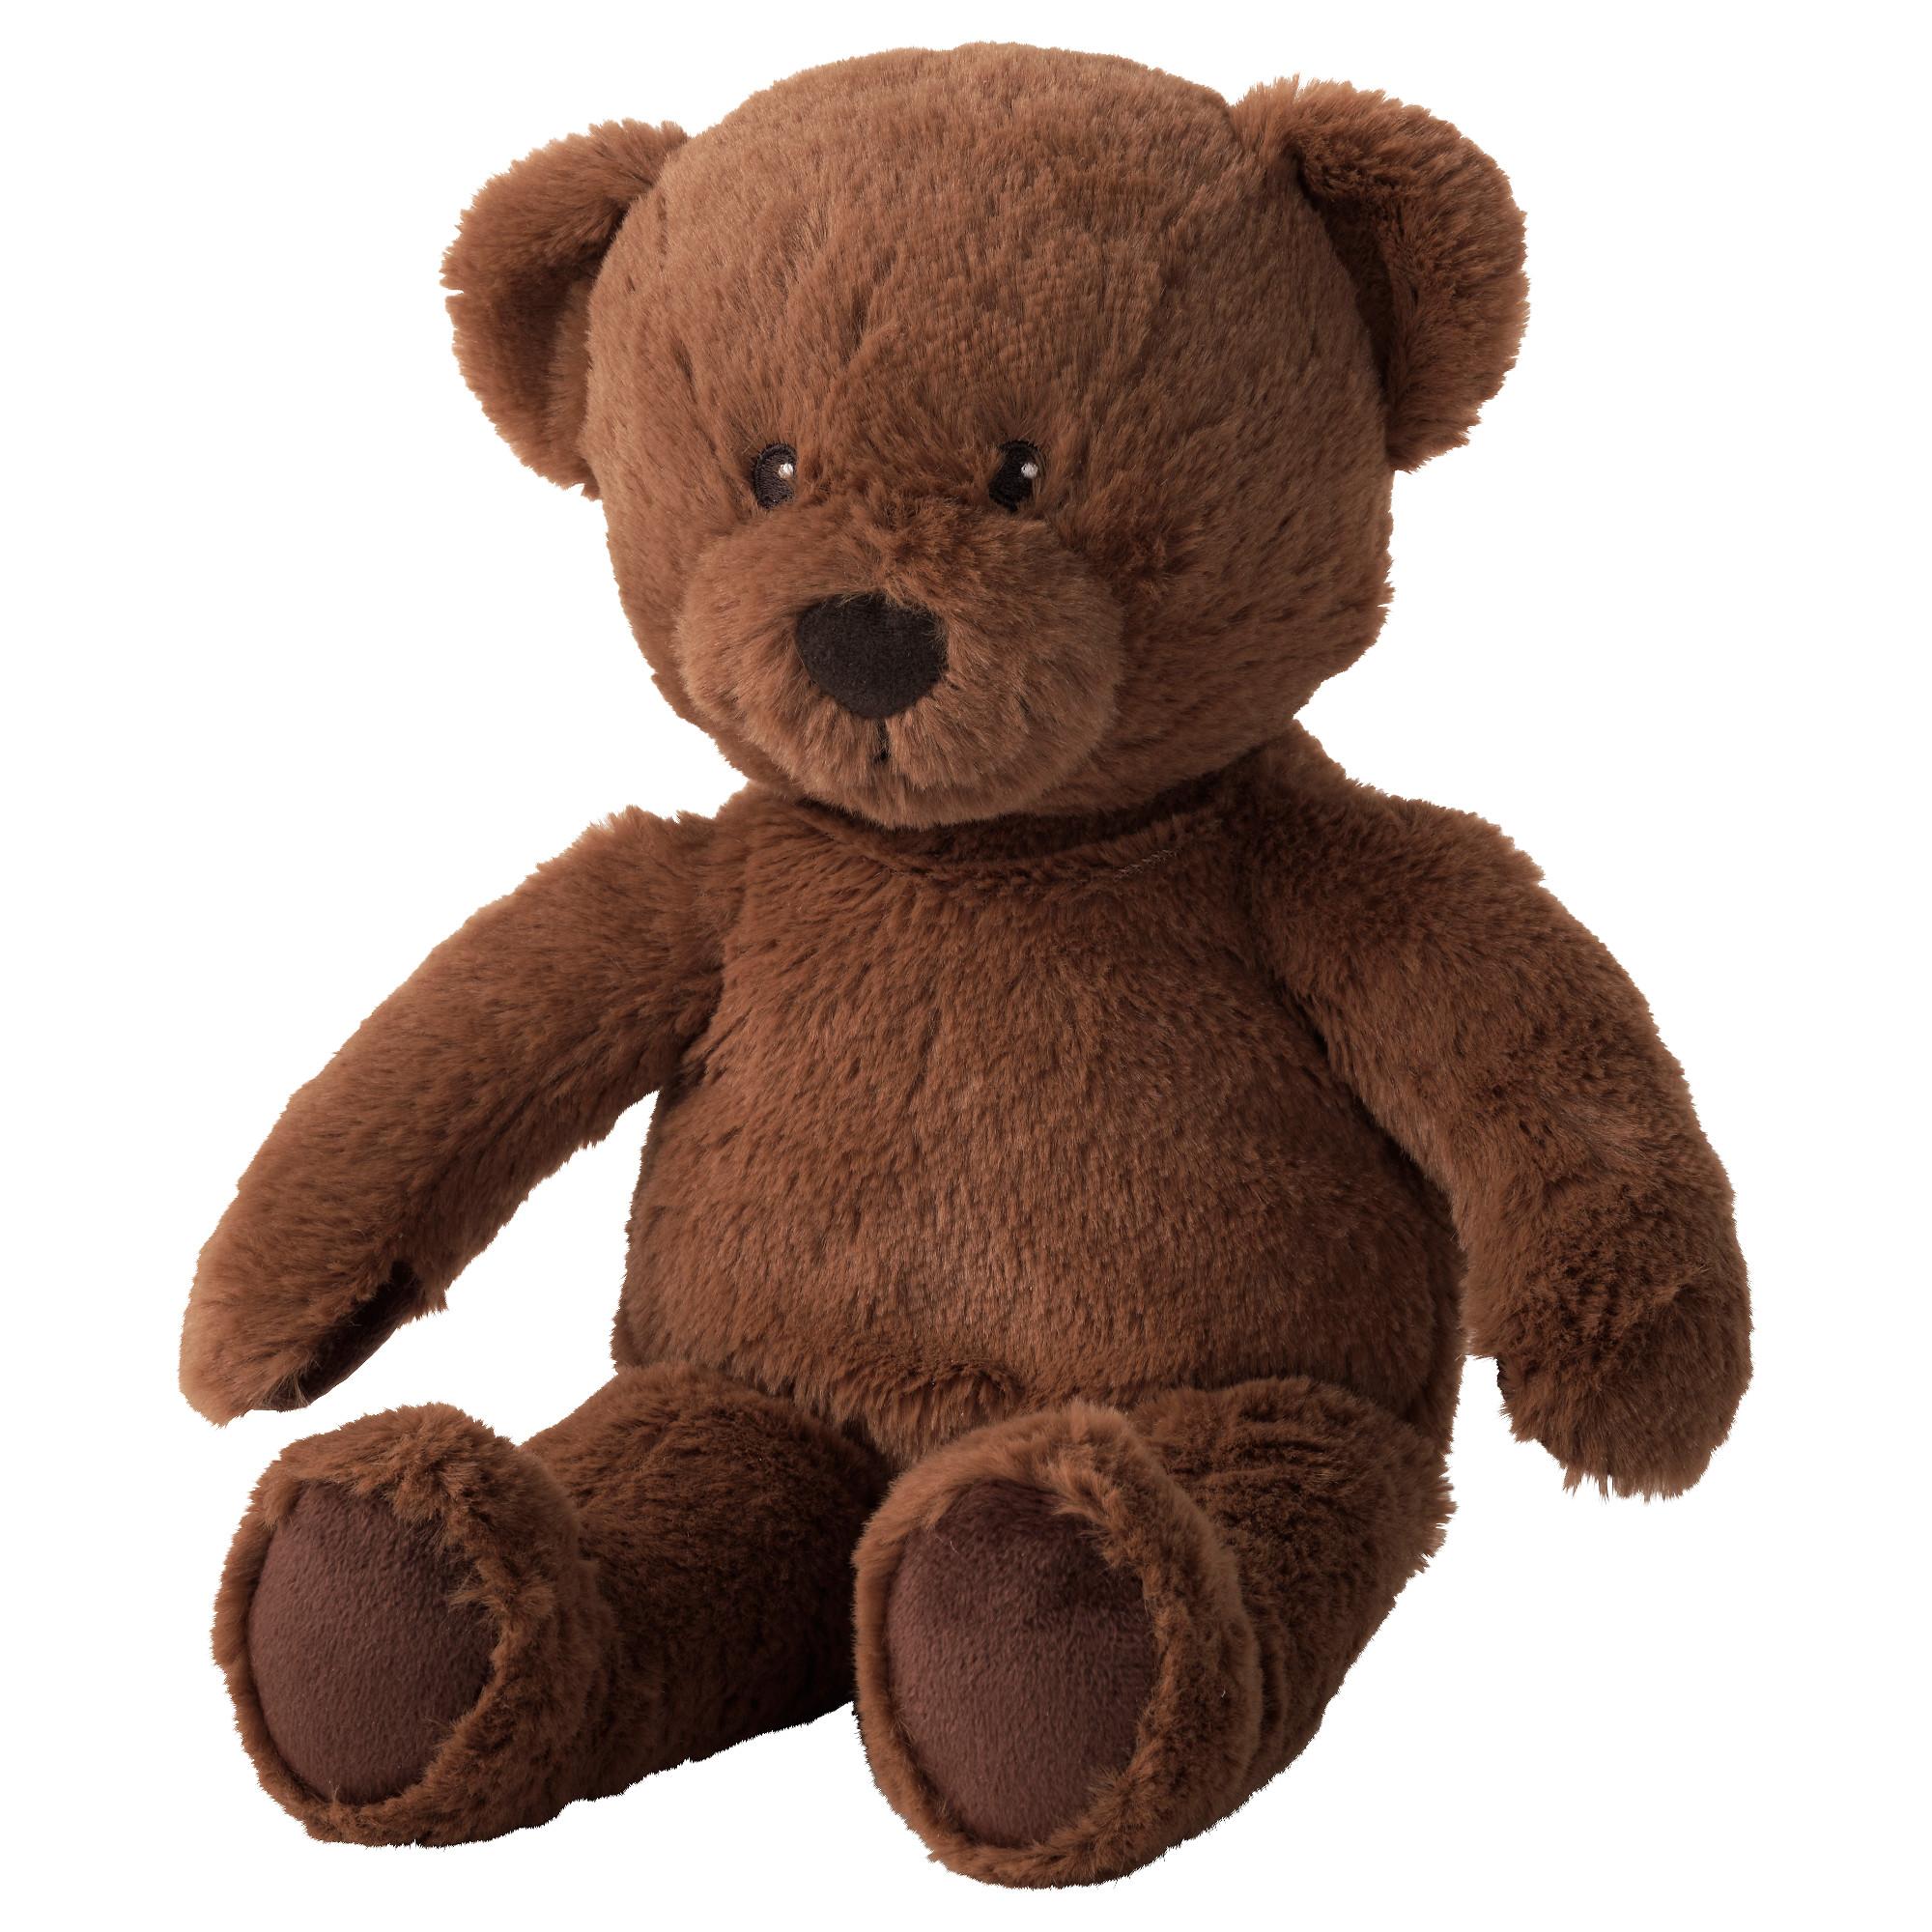 填充玩具, 熊,